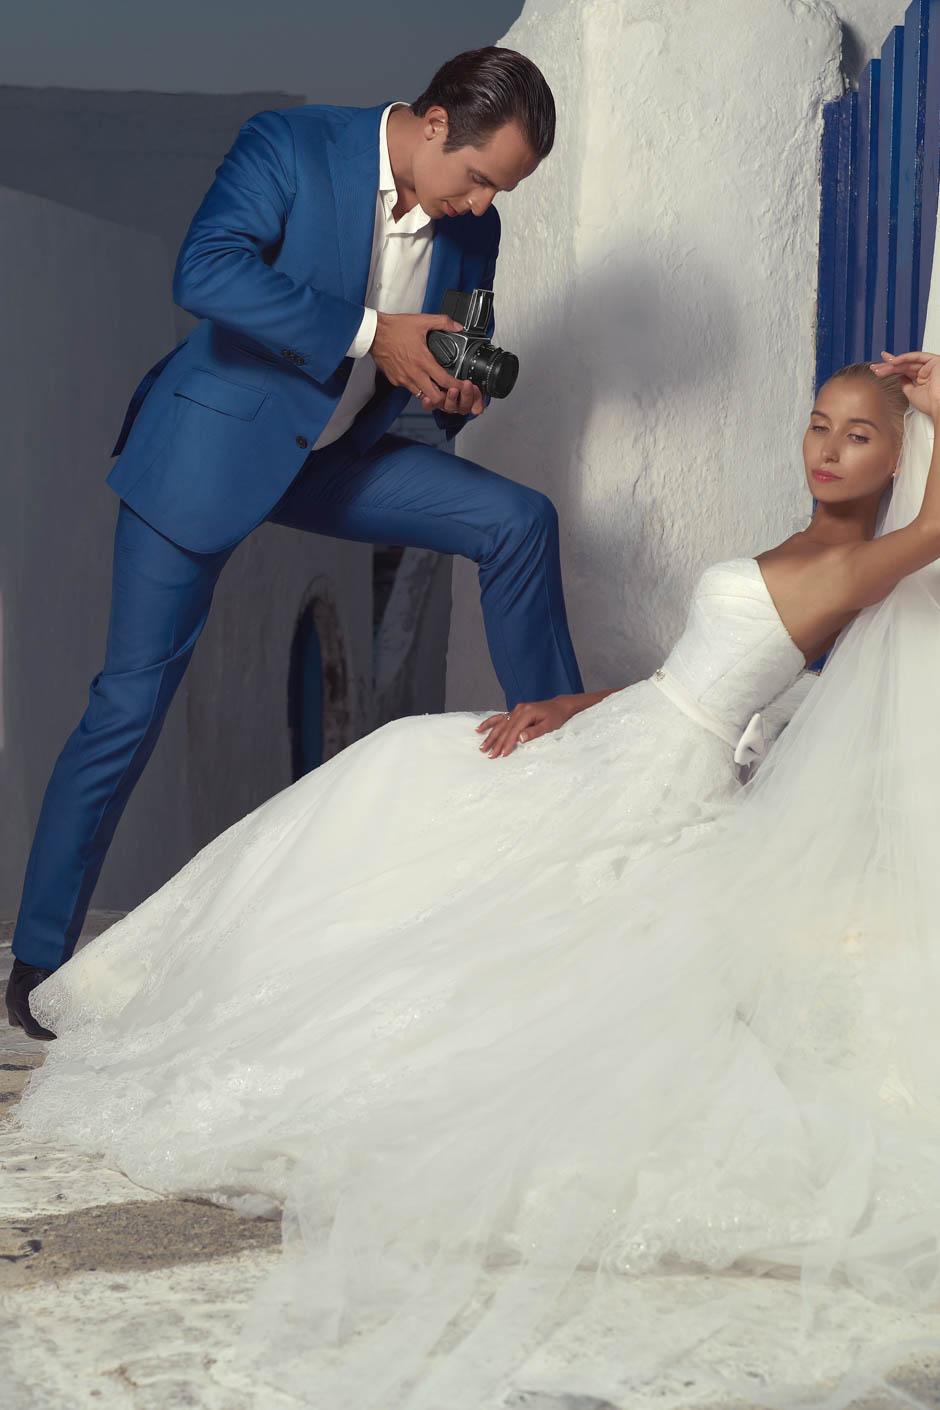 Costume De Mariage Sur Mesure à Rouen • Deguernay